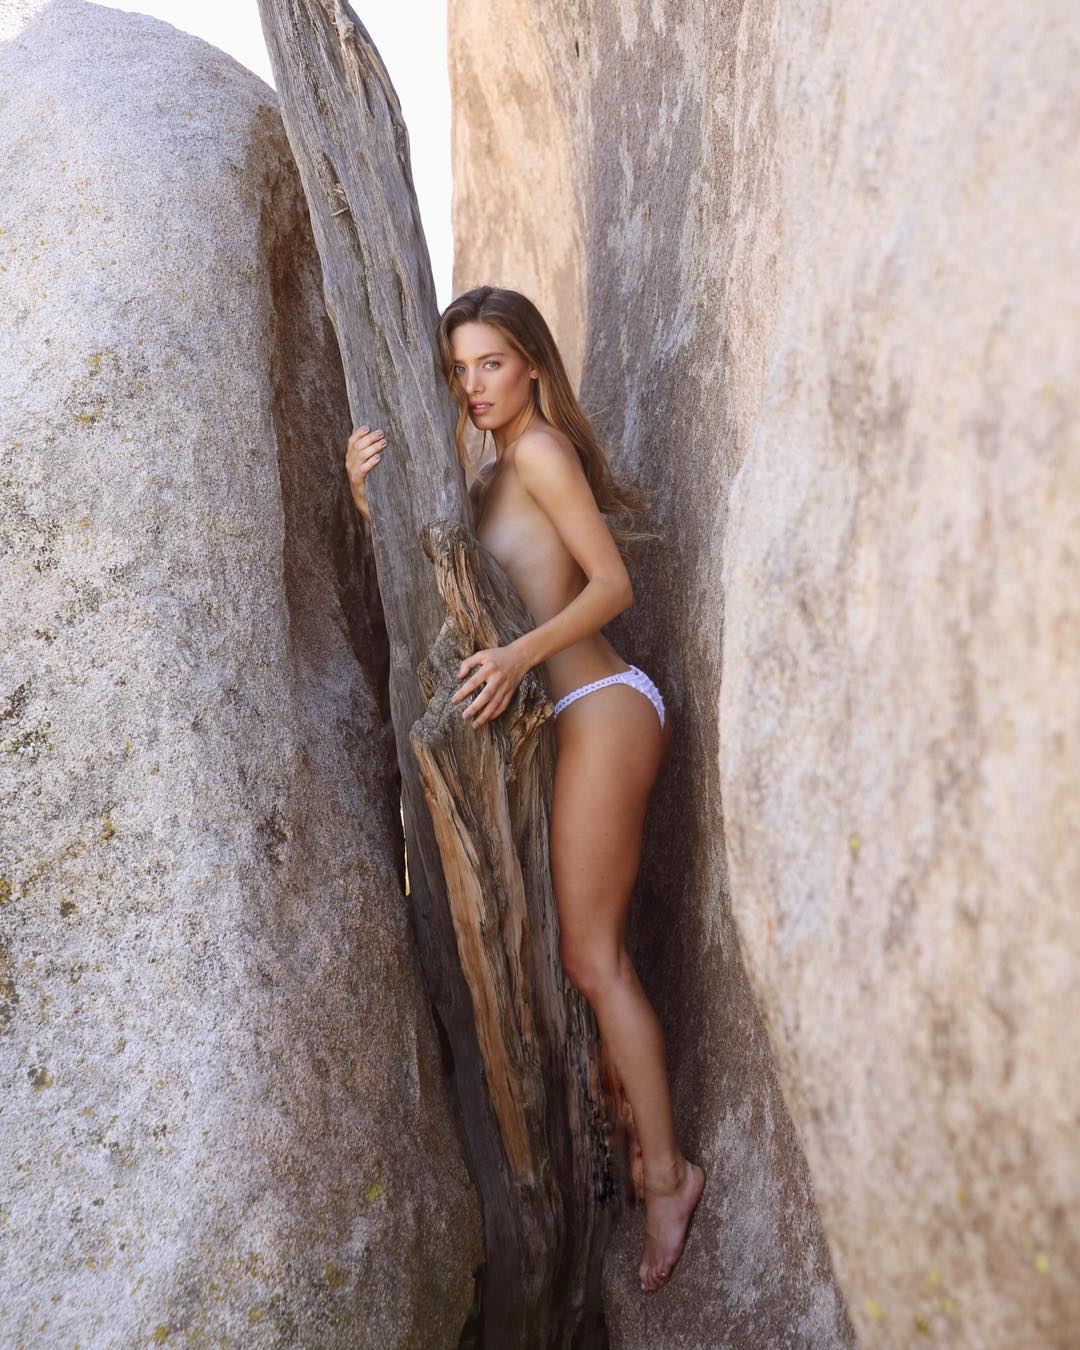 Selfie Kayla Jean Garvin naked (84 foto and video), Topless, Bikini, Feet, panties 2020